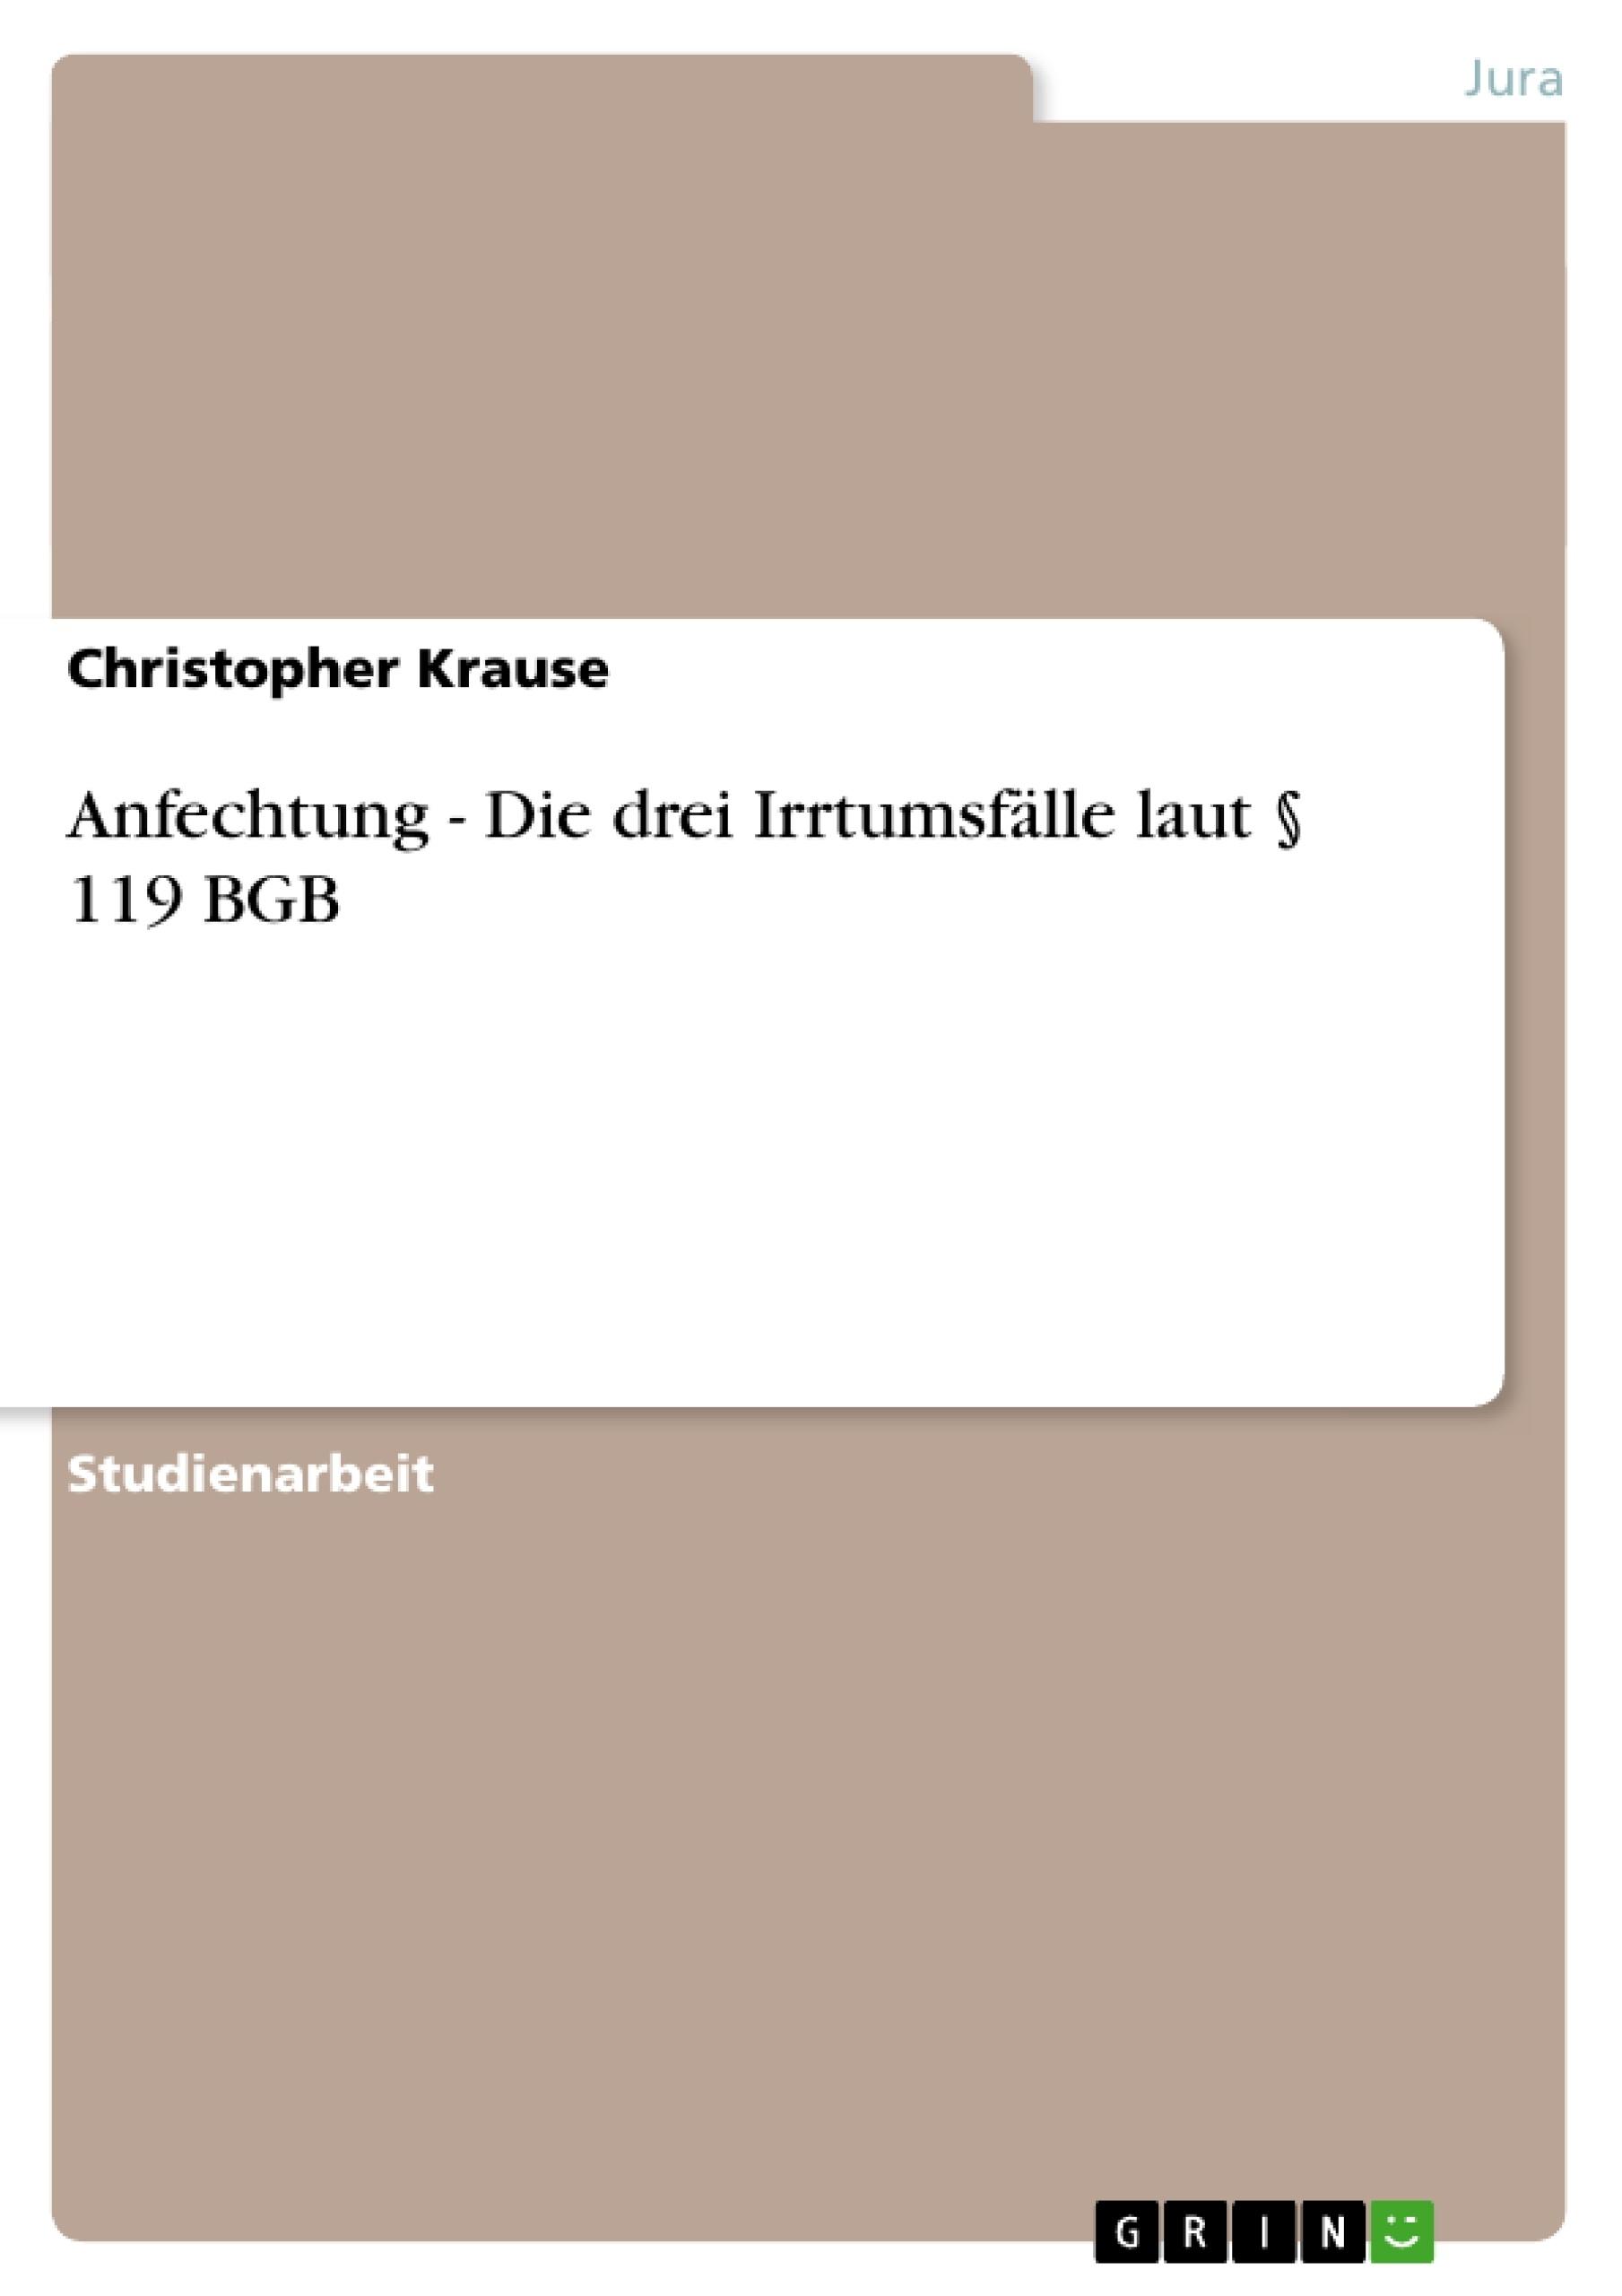 Titel: Anfechtung - Die drei Irrtumsfälle laut § 119 BGB